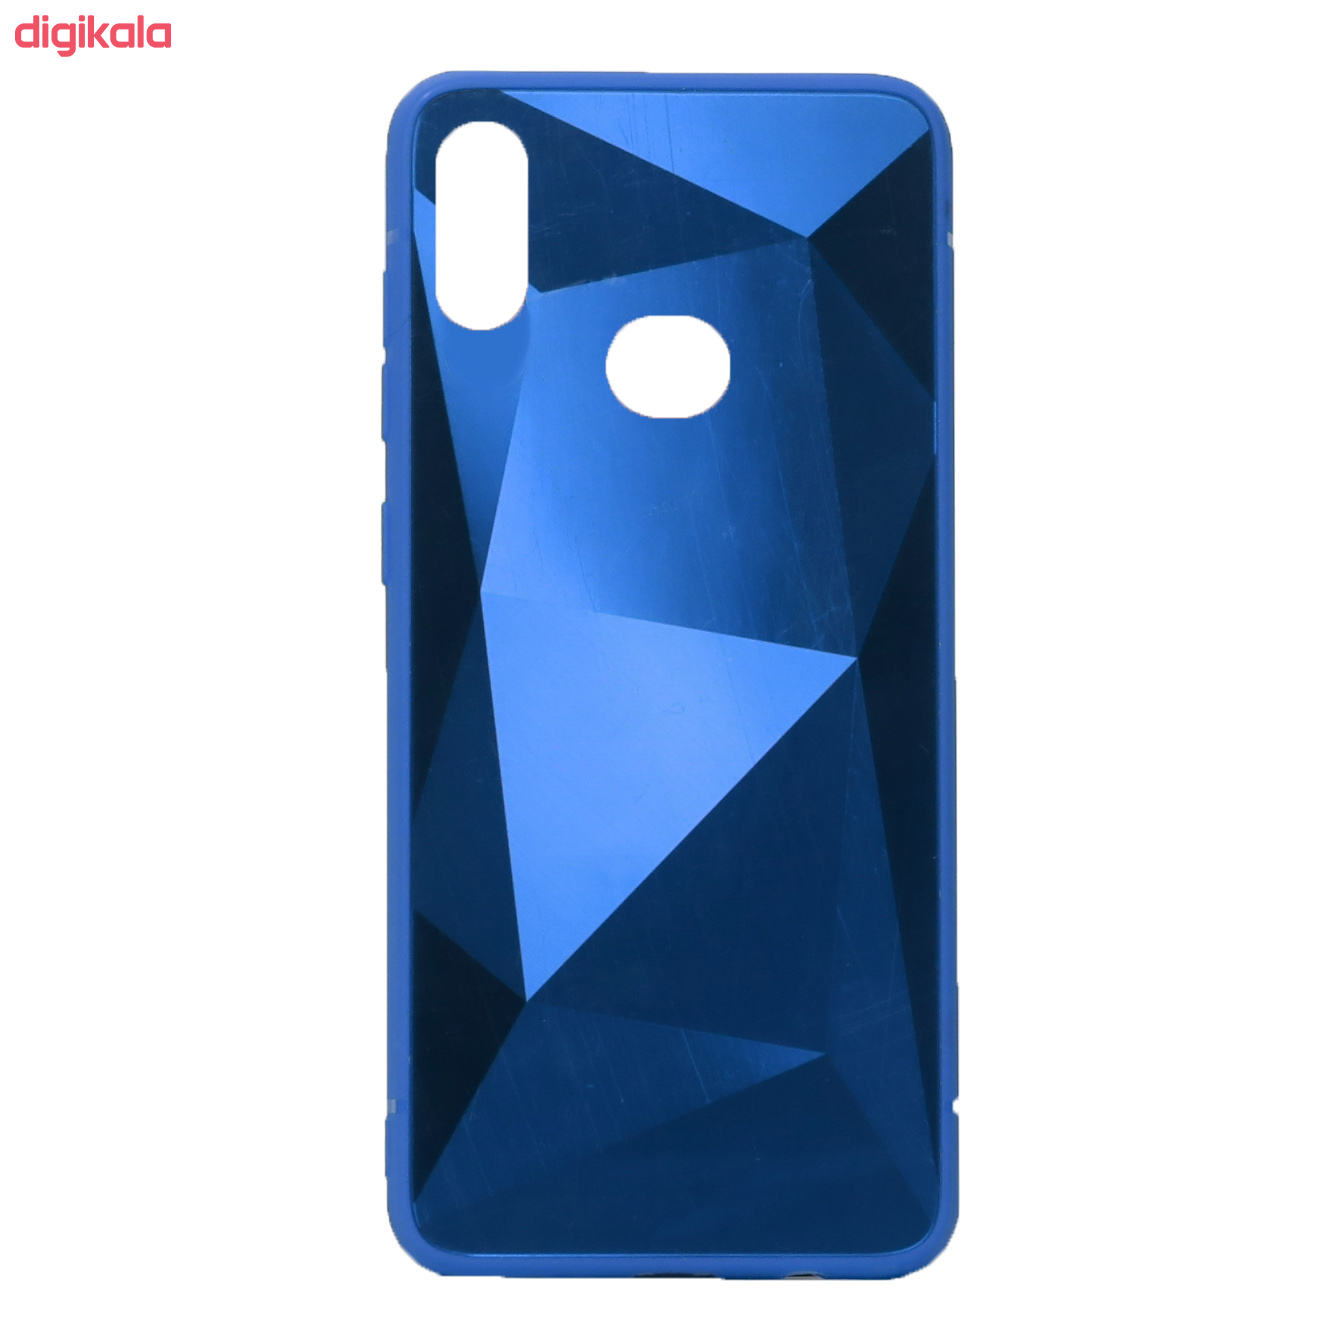 کاور طرح الماس مدل mr-505 مناسب برای گوشی موبایل سامسونگ Galaxy A10s